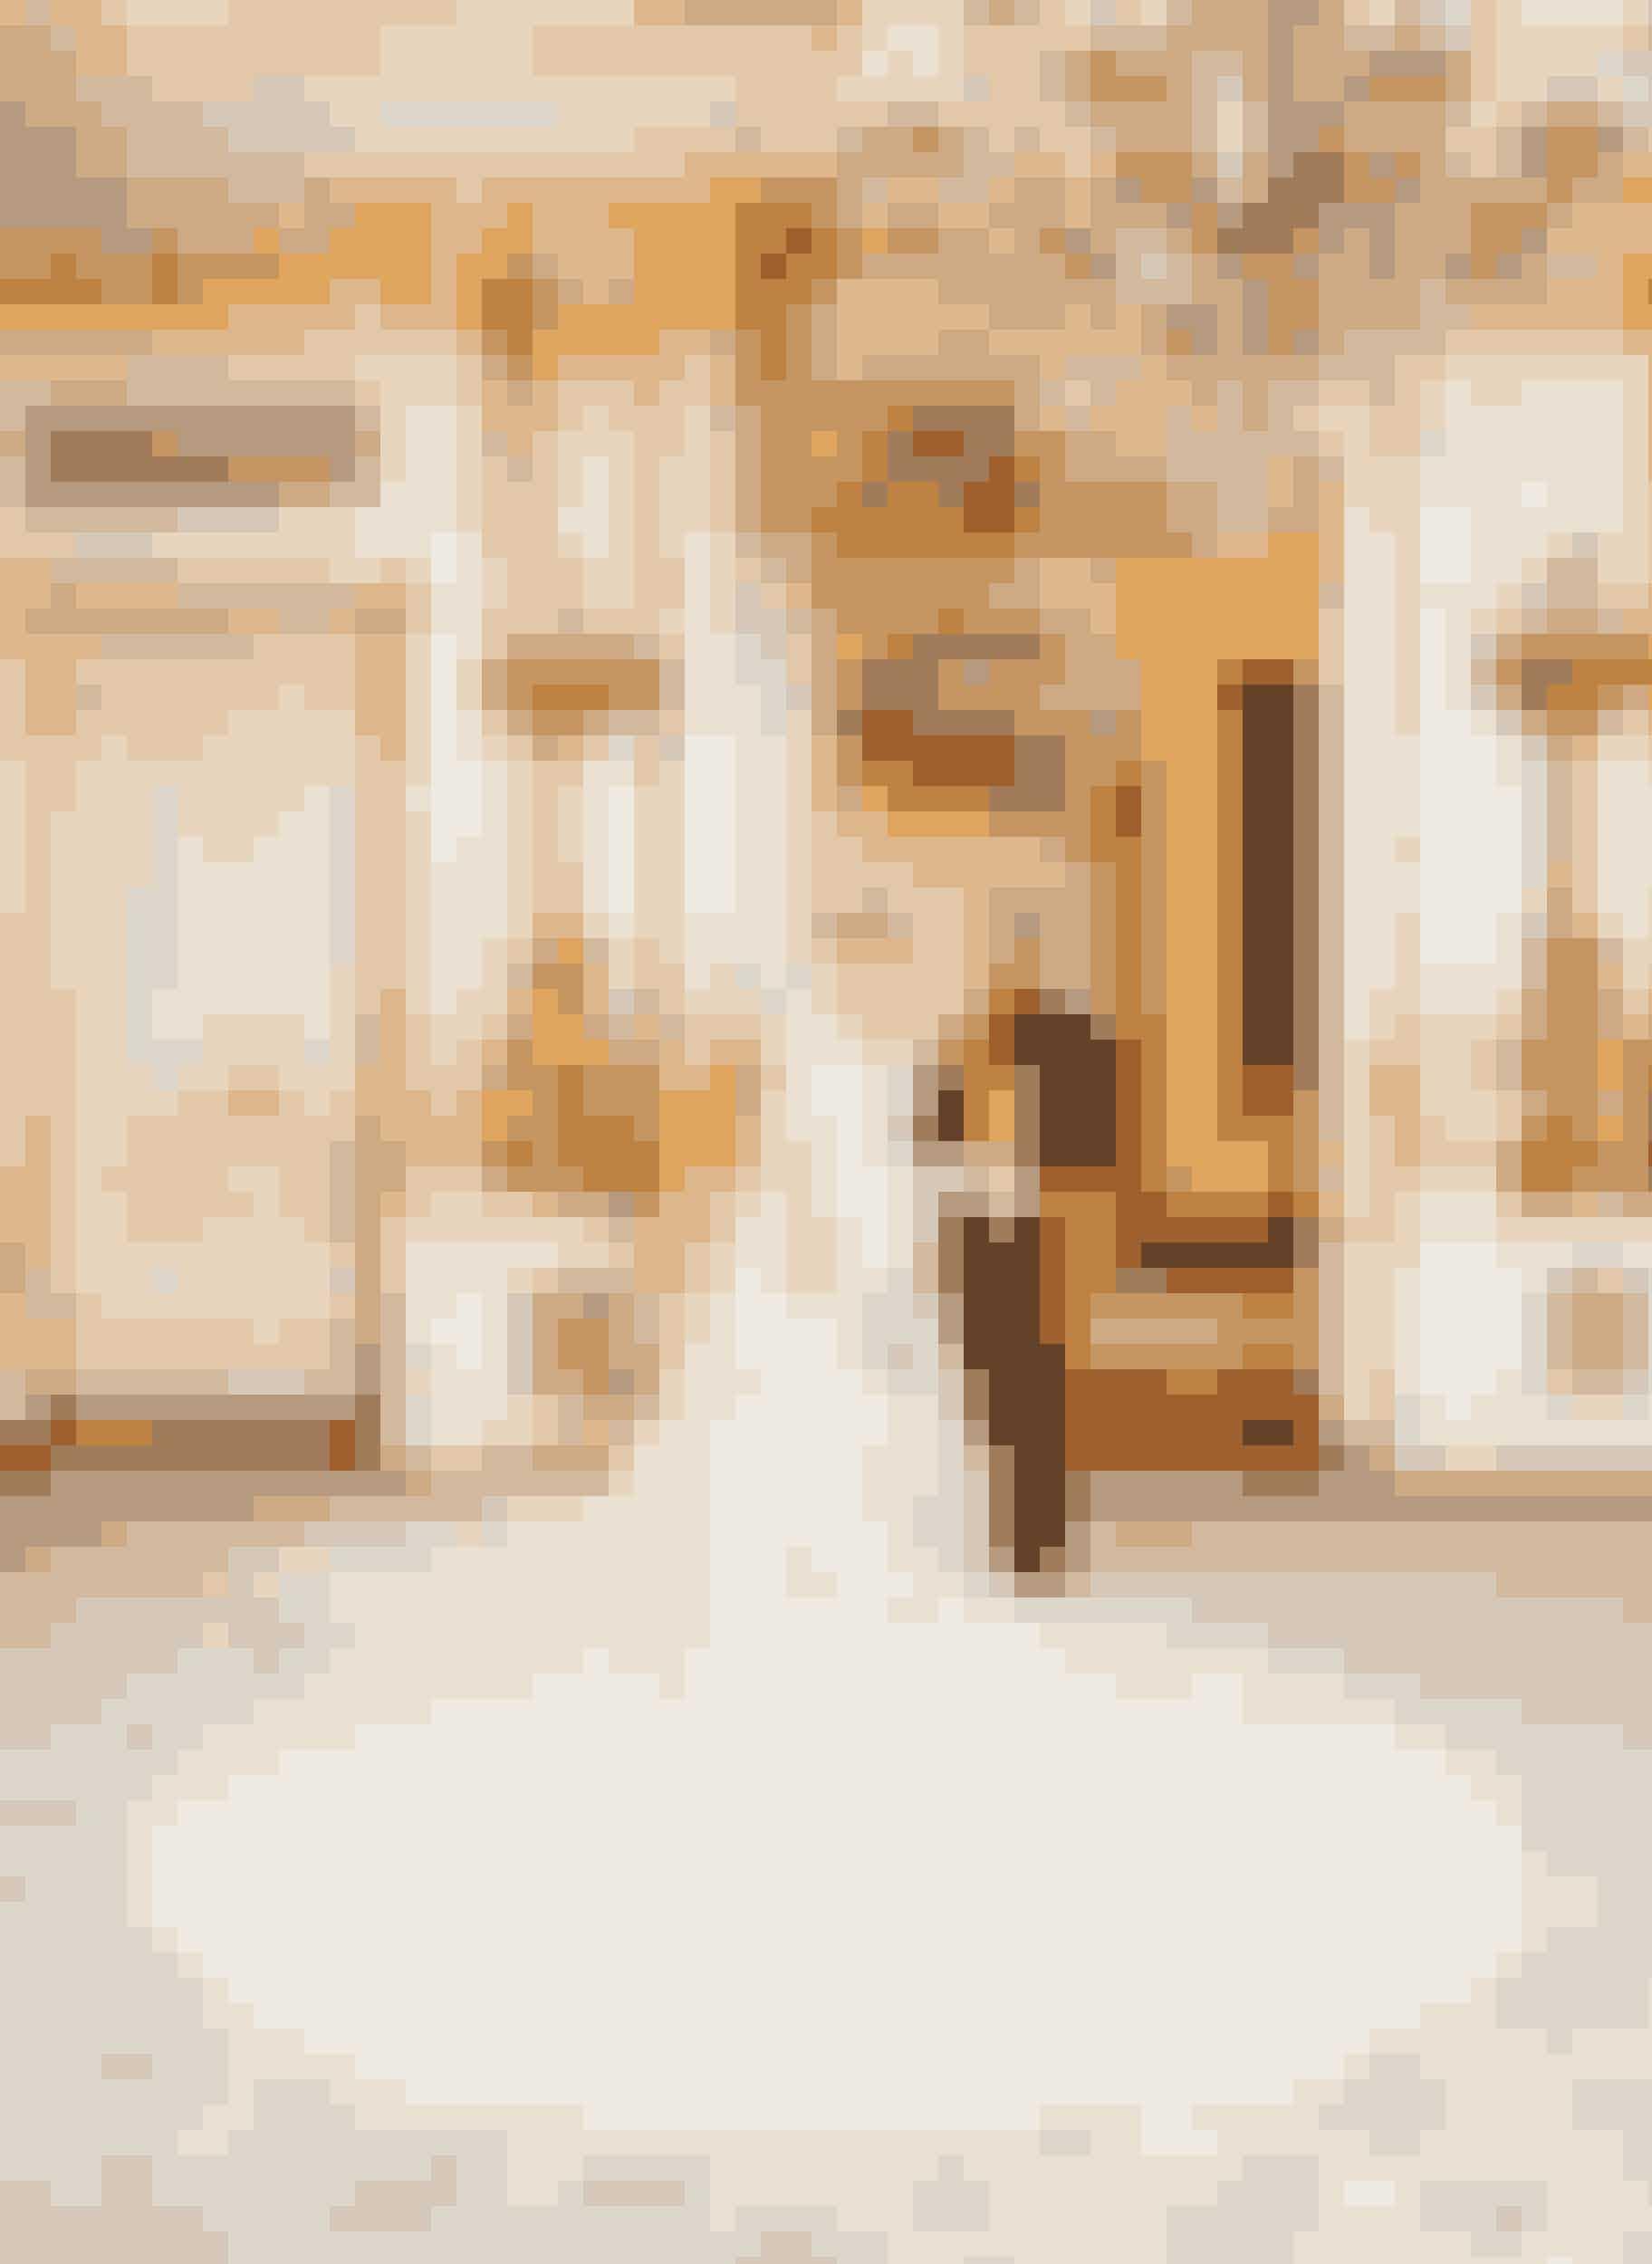 Arvestorhertuginde Stéphanie de Lannoy af Luxembourg iført kjole af Elie Saab ved sit bryllup med arvestorhertug Guillame af Luxembourg, 2012.